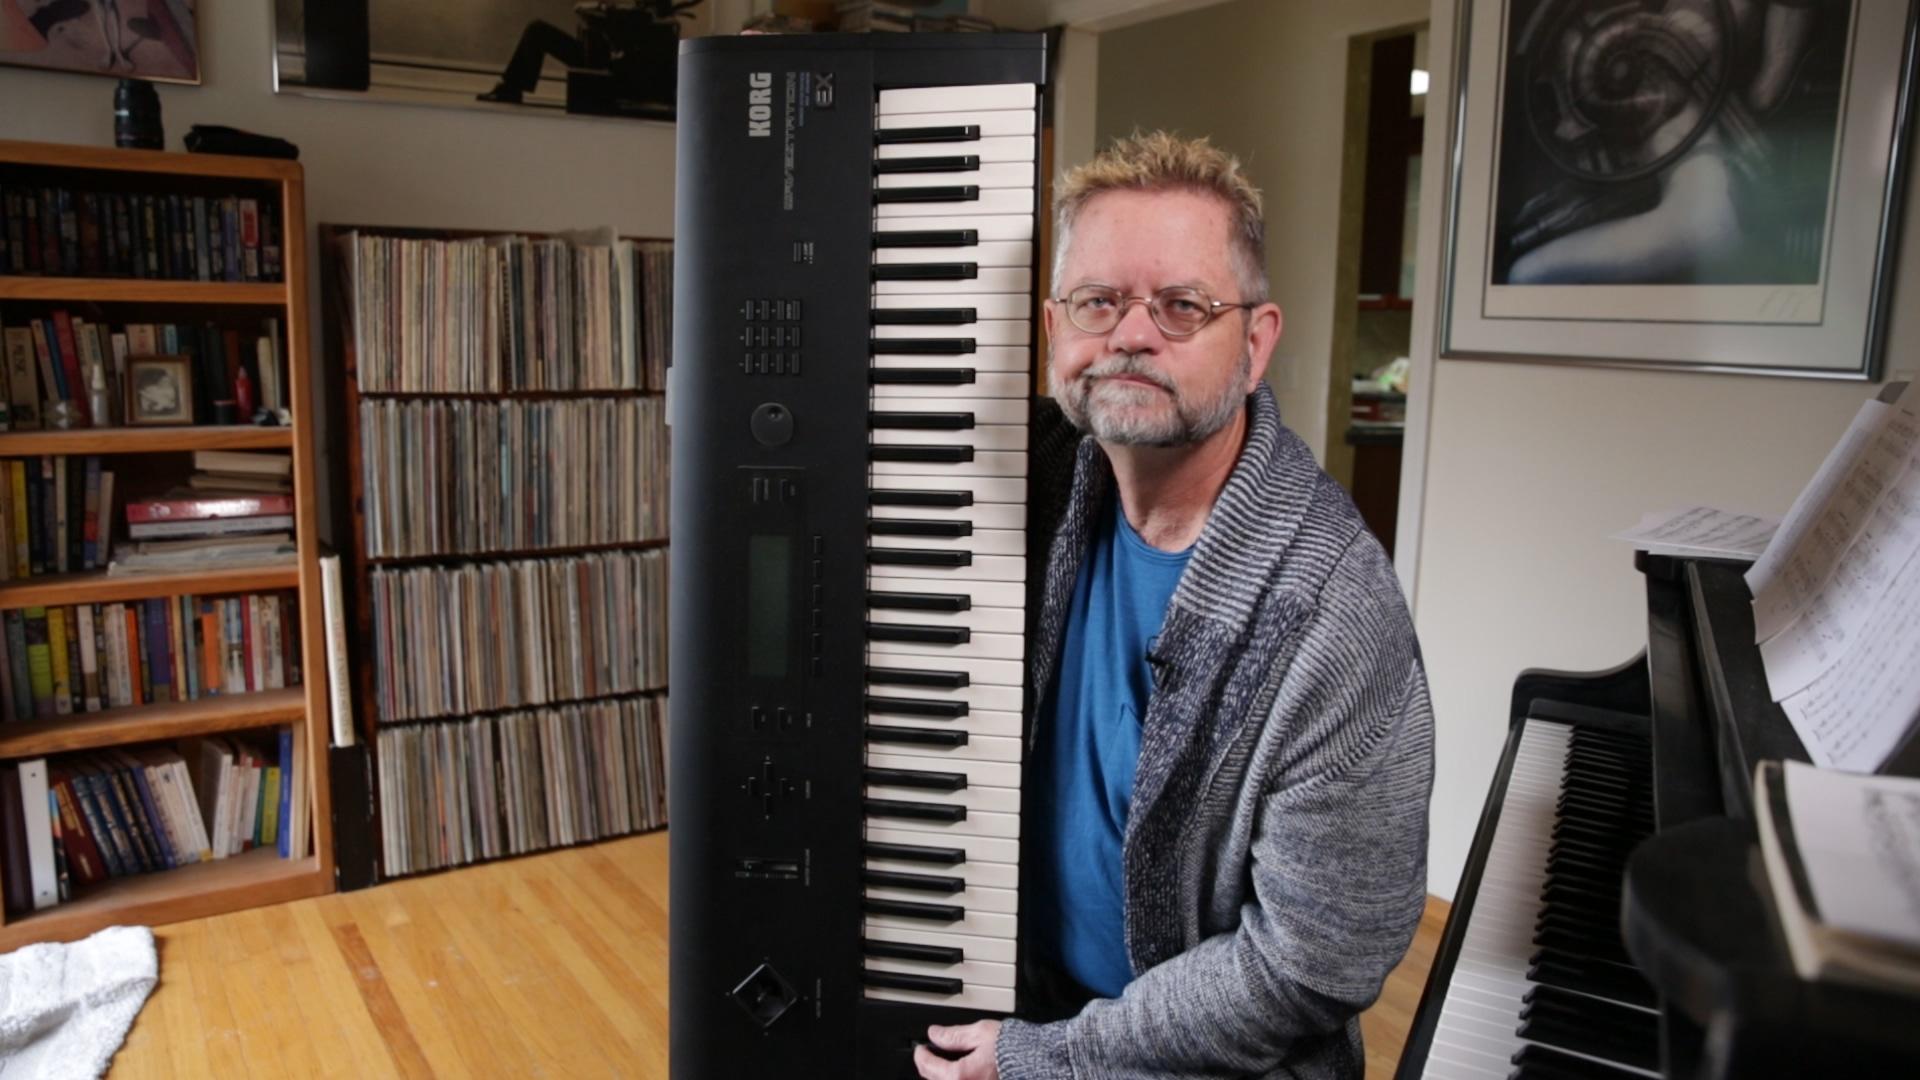 Jim Reekes, criador dos sons do início do Mac e câmera do iPhone